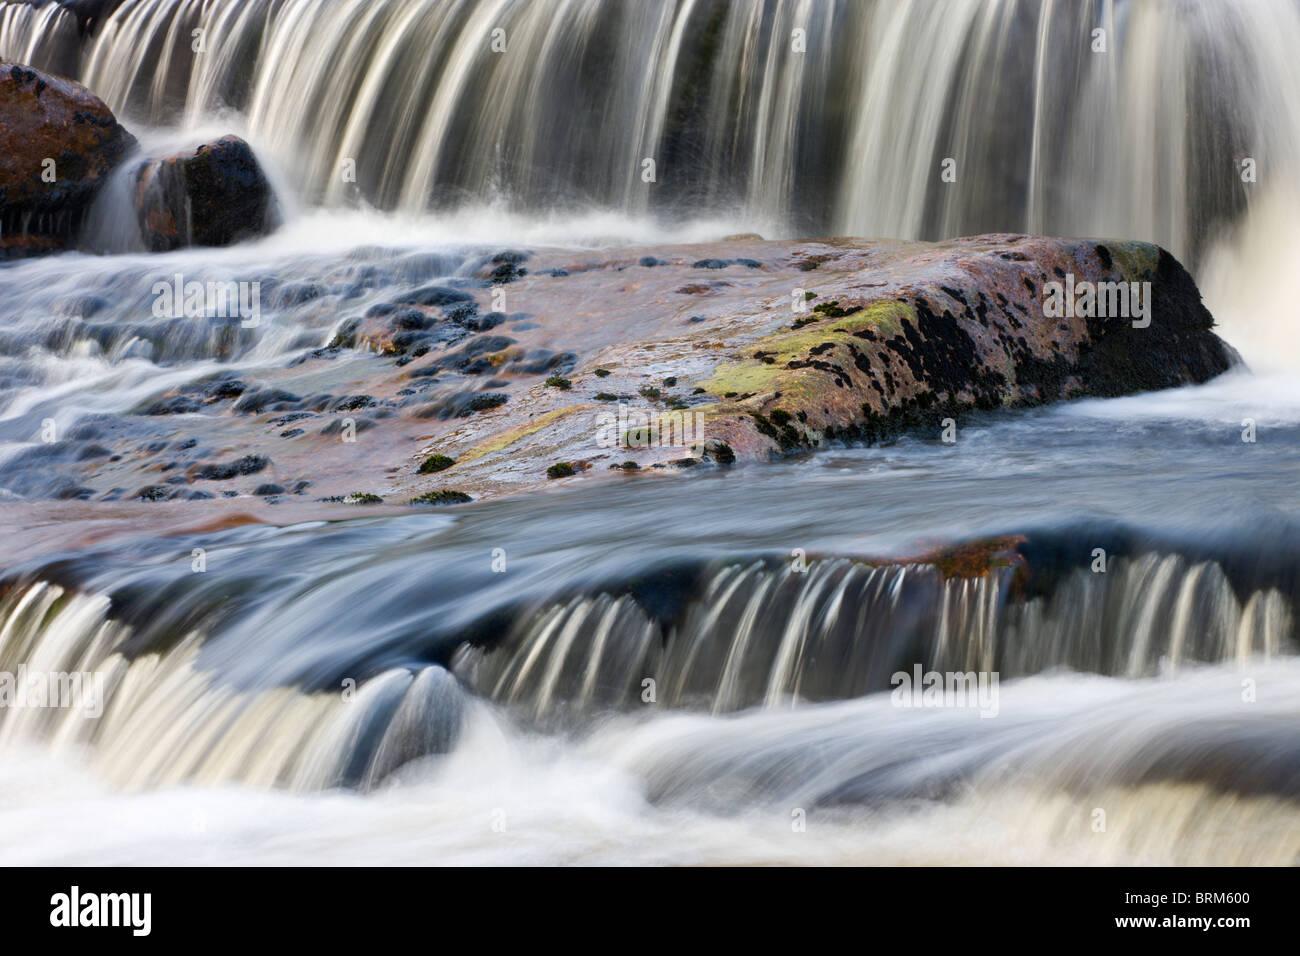 Cascadas de agua sobre el río en el tavy Tavy Cleave, Parque Nacional de Dartmoor, Devon, Inglaterra. Verano Imagen De Stock